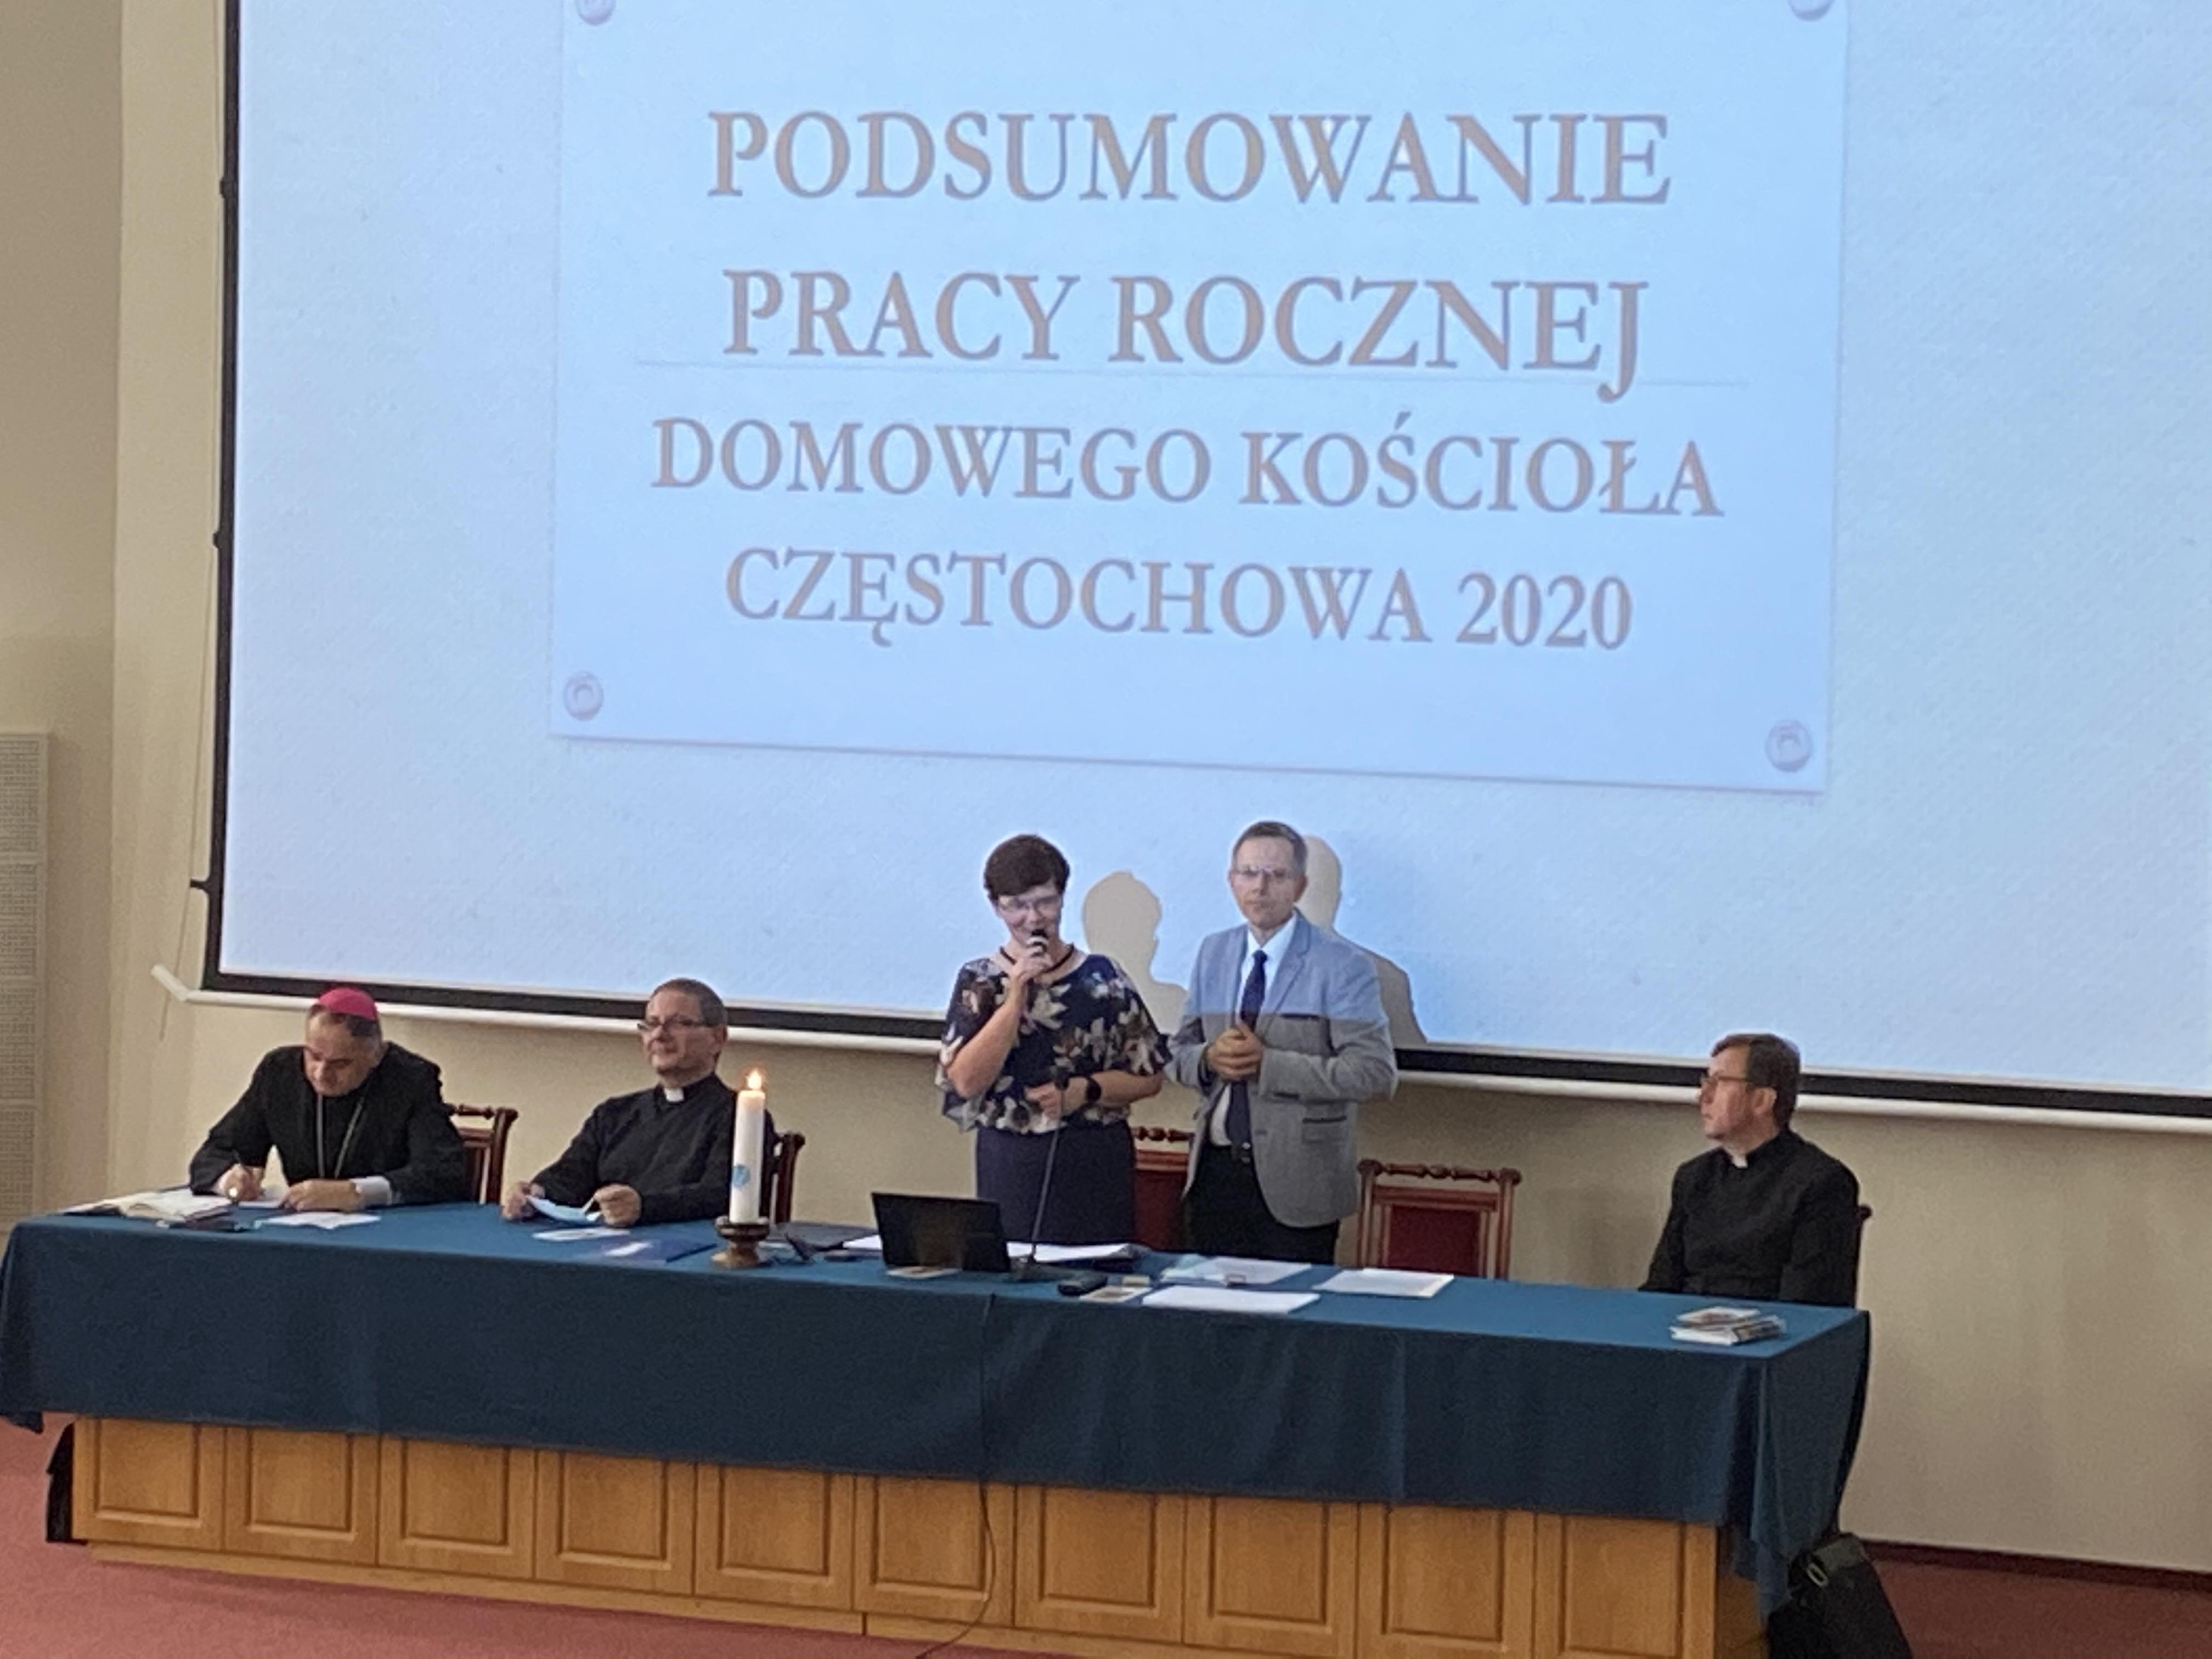 Wieści z Podsumowania roku formacyjnego Domowego Kościoła 2019/2020 w Częstochowie 12.09.2020